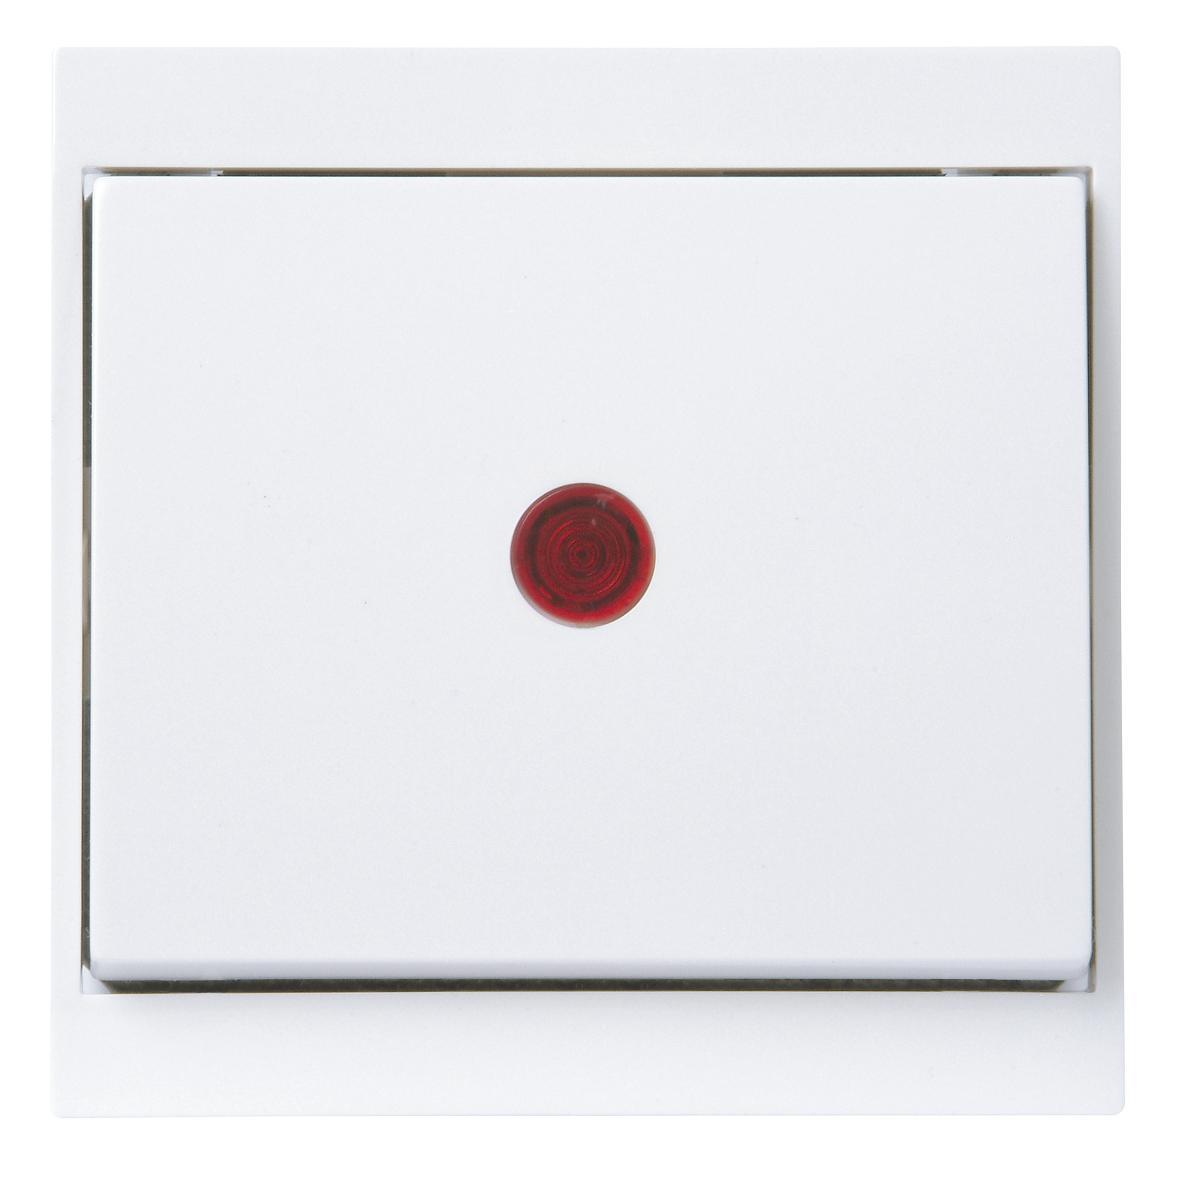 kopp 621666085 malta arktis wei kontrollschalter aus u. Black Bedroom Furniture Sets. Home Design Ideas